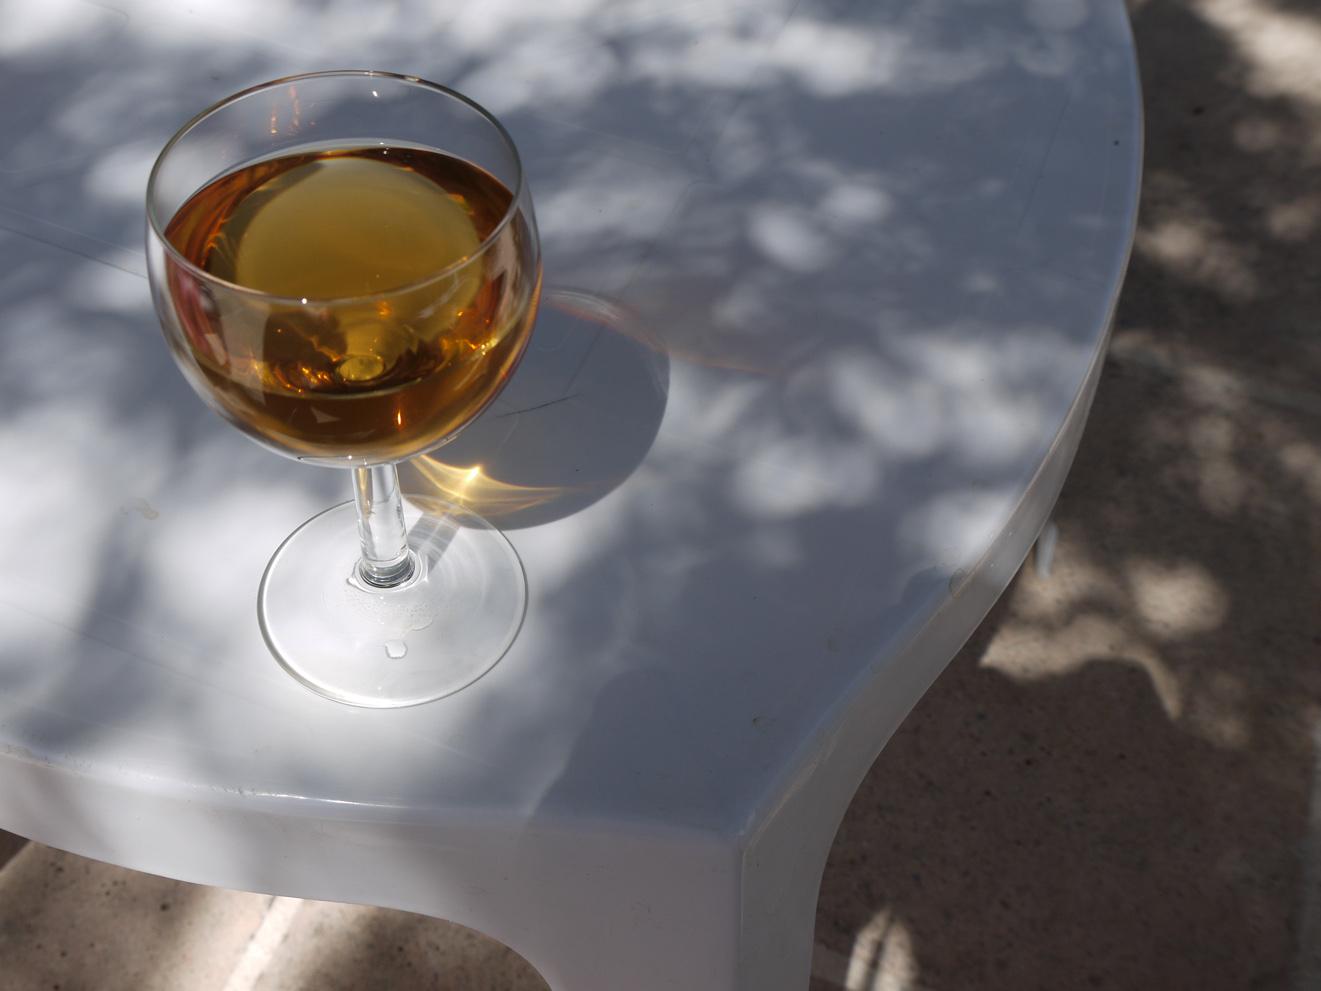 Wine with eau de vie